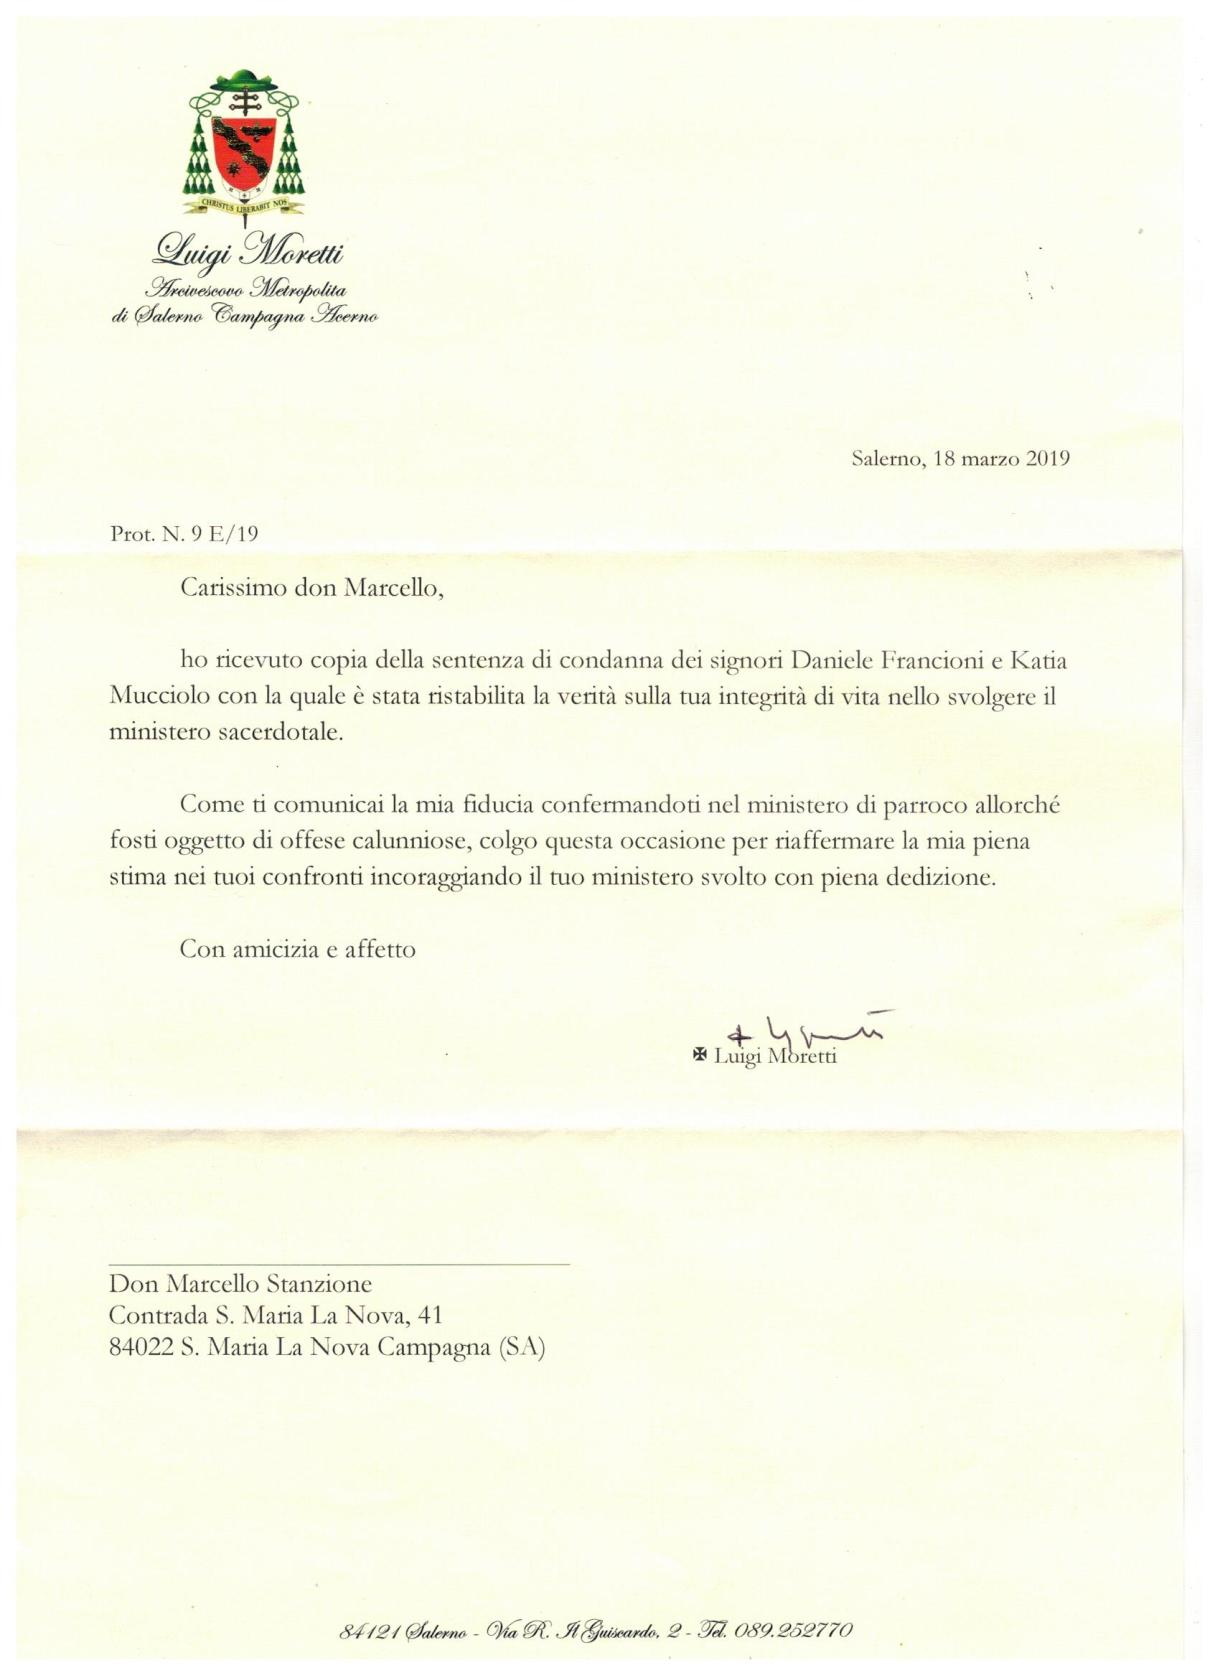 lettera vescovo caso don Marcello Stanzione